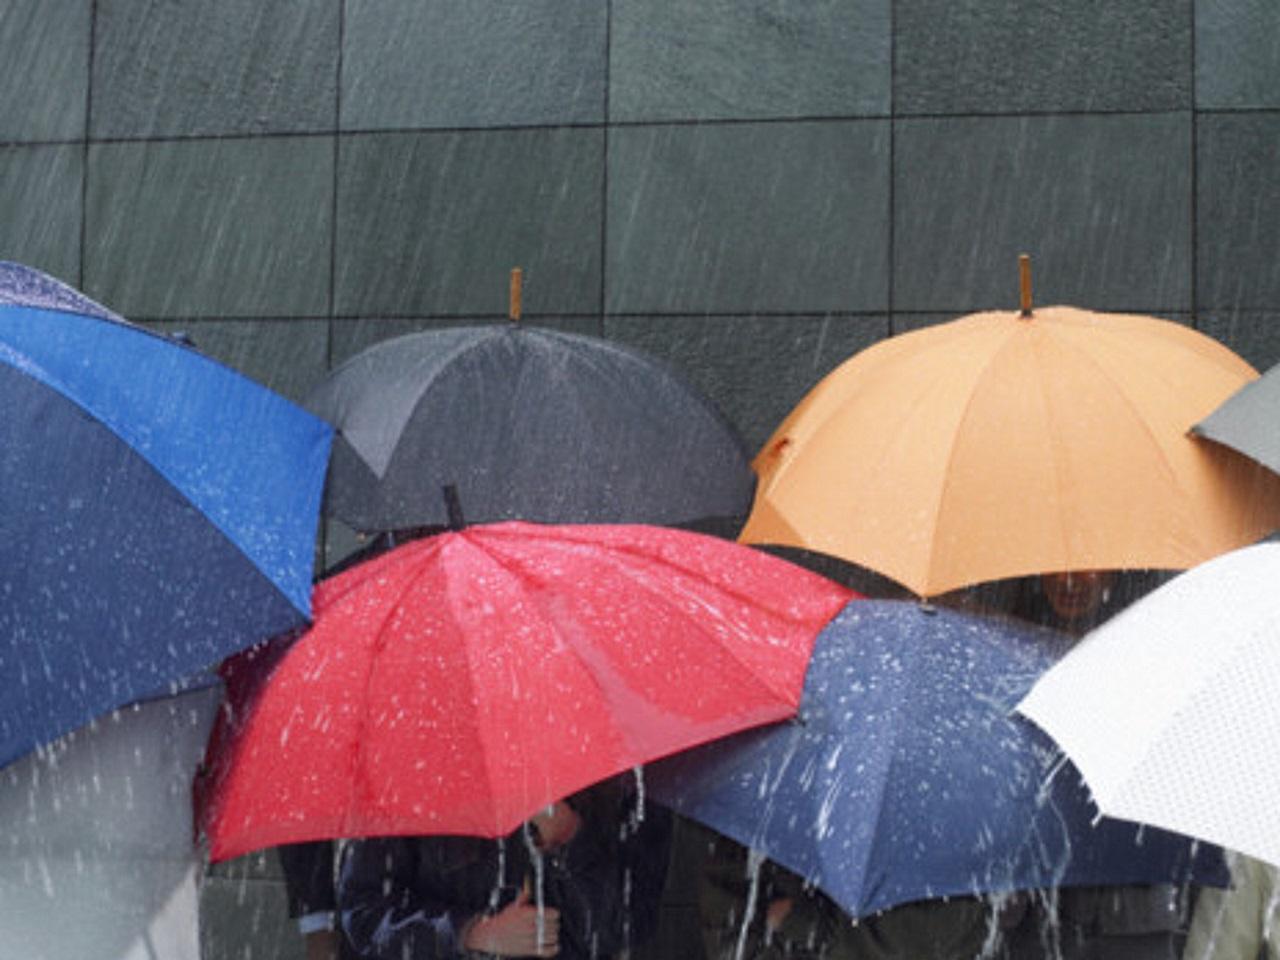 le directeur de m t o france accueilli avec des parapluies trou s bron. Black Bedroom Furniture Sets. Home Design Ideas